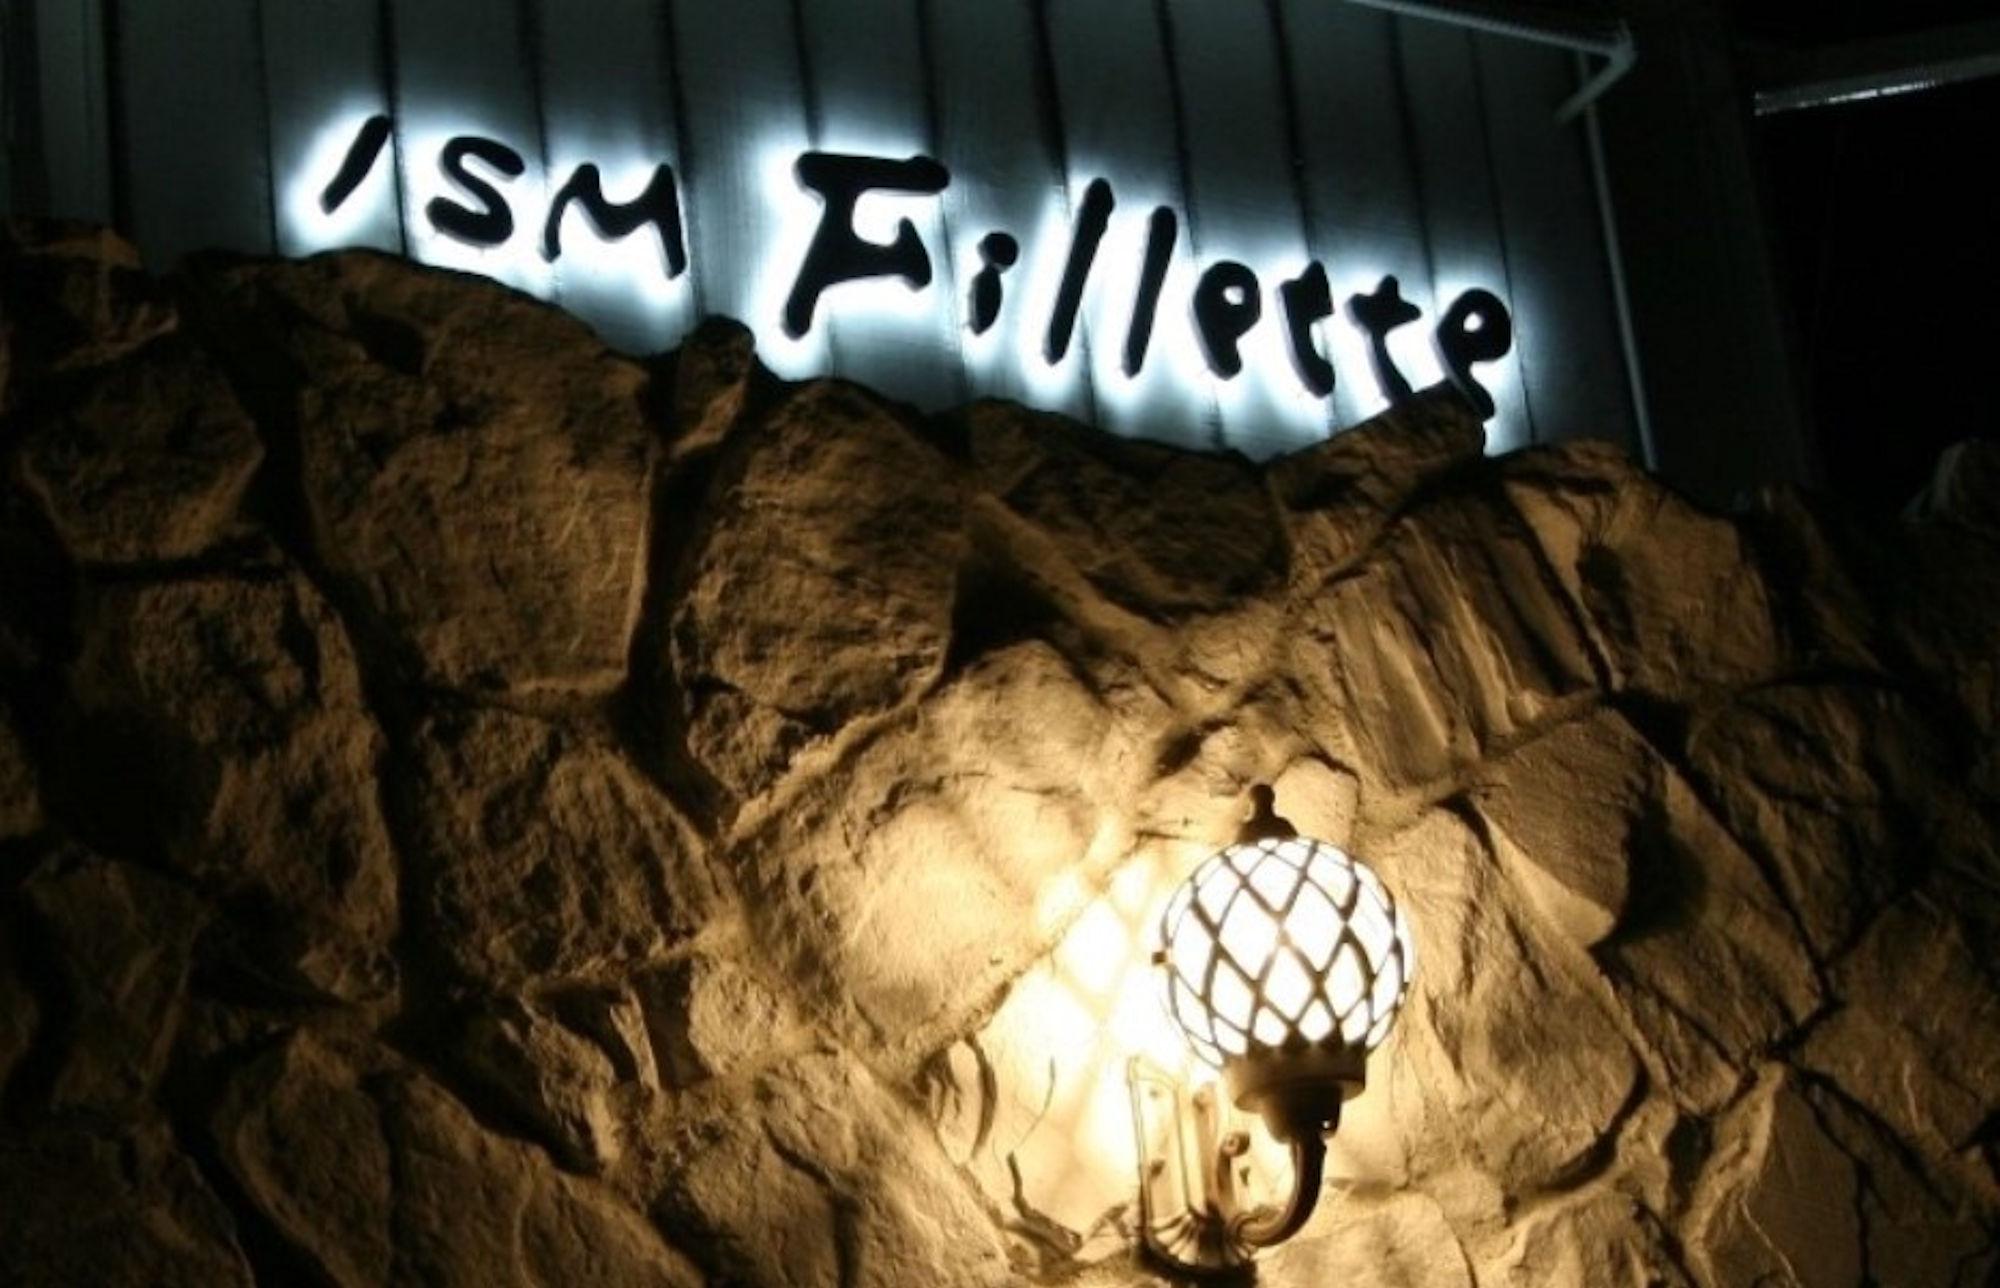 前橋市の美容院・美容室 イズムフィエット(ISM-Fillette)